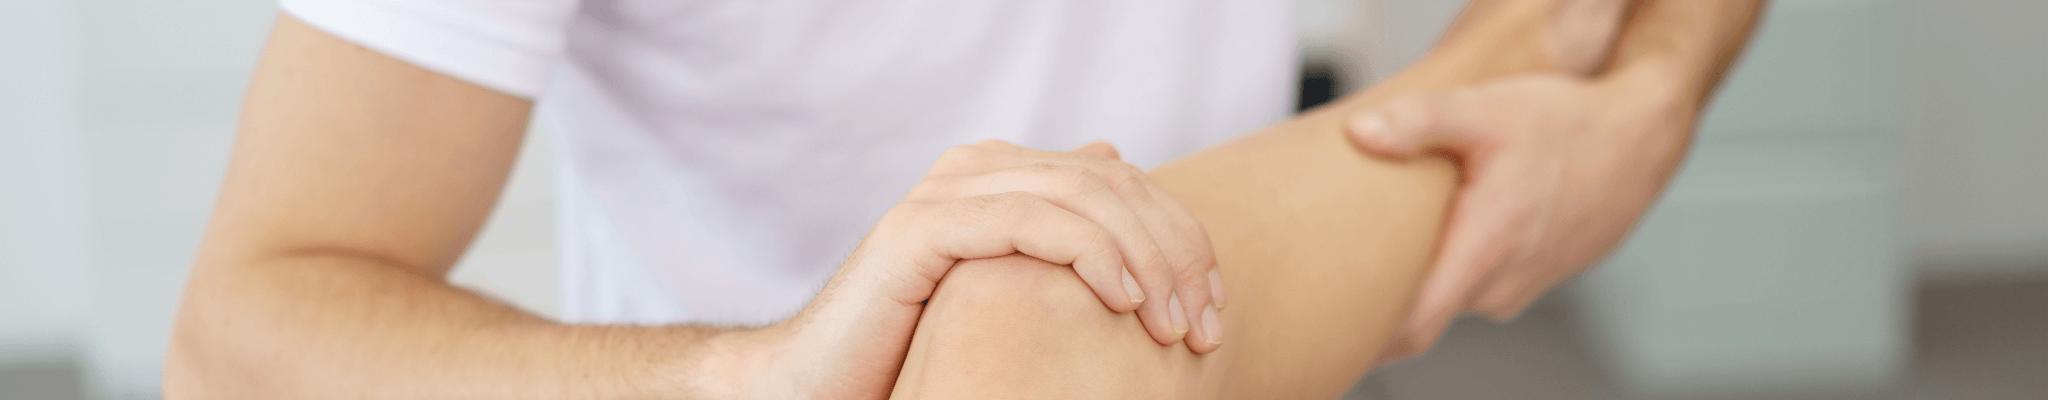 Bożydar Czapka_fizjoterapia i rehabilitacja_baner